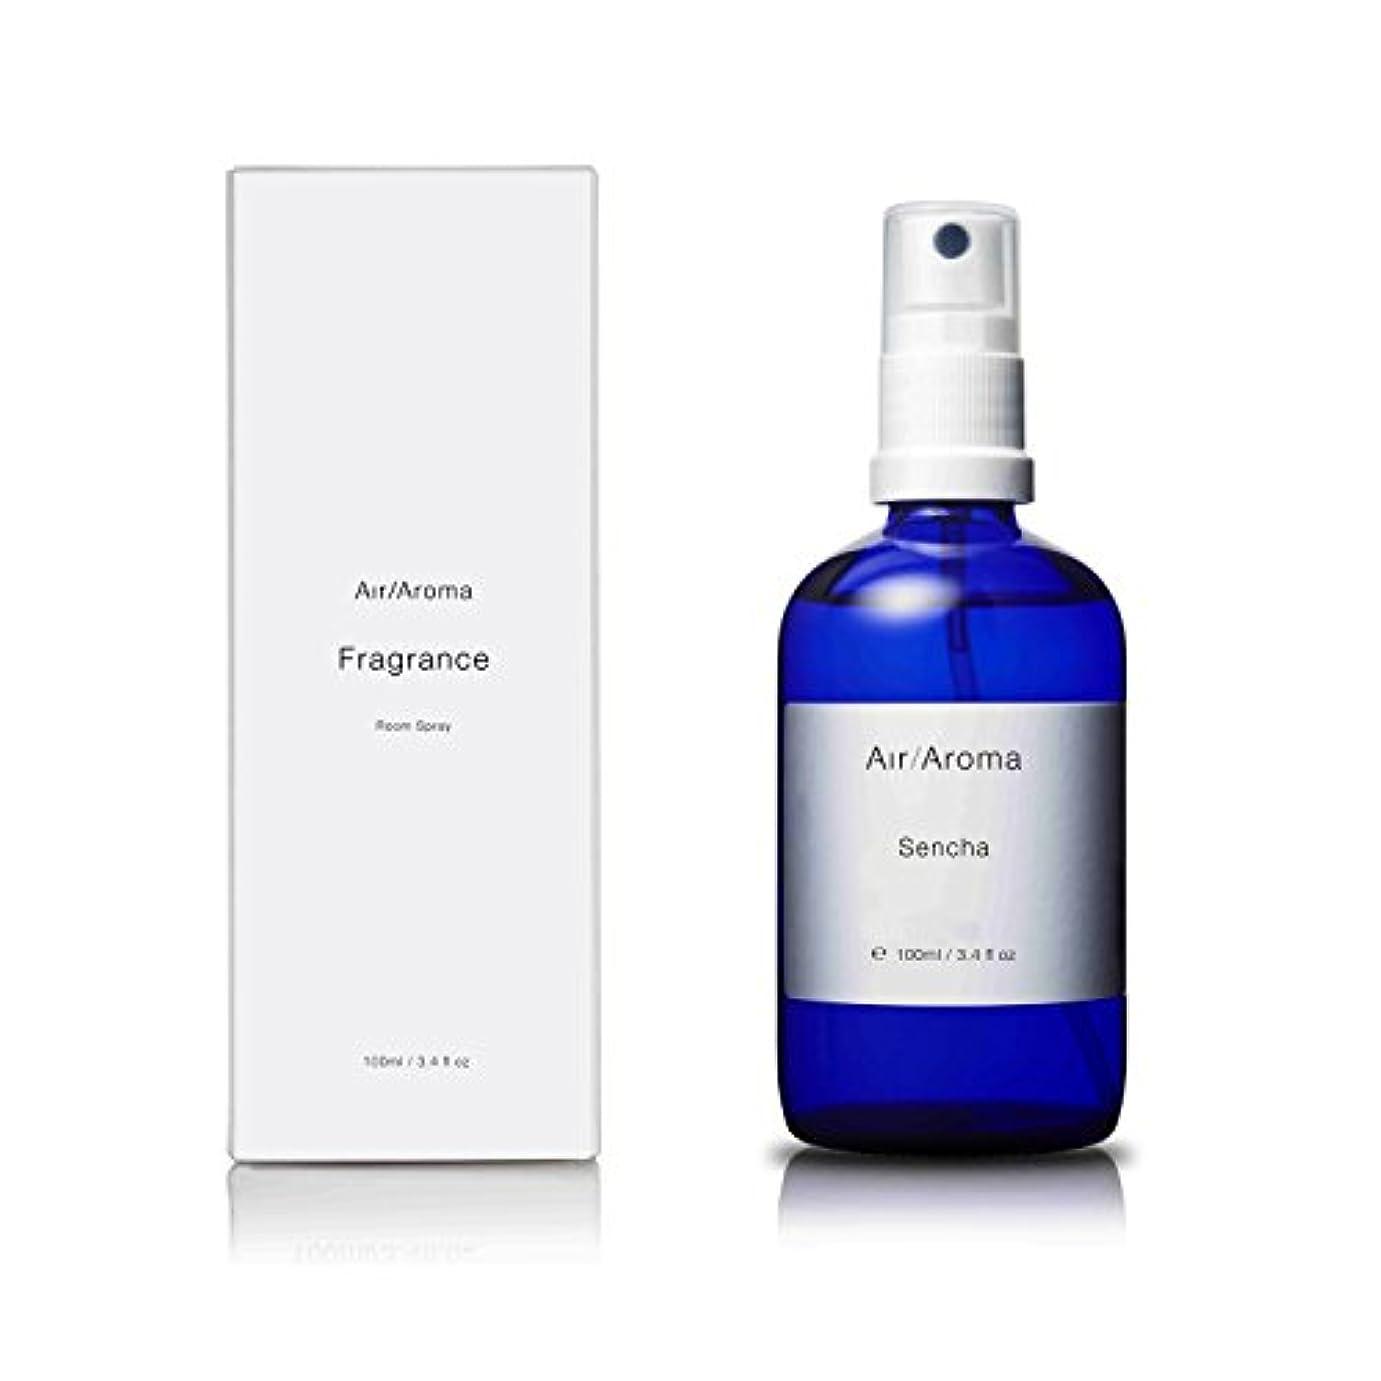 プレビュー別れるレイエアアロマ sencha room fragrance(センチャ ルームフレグランス)100ml